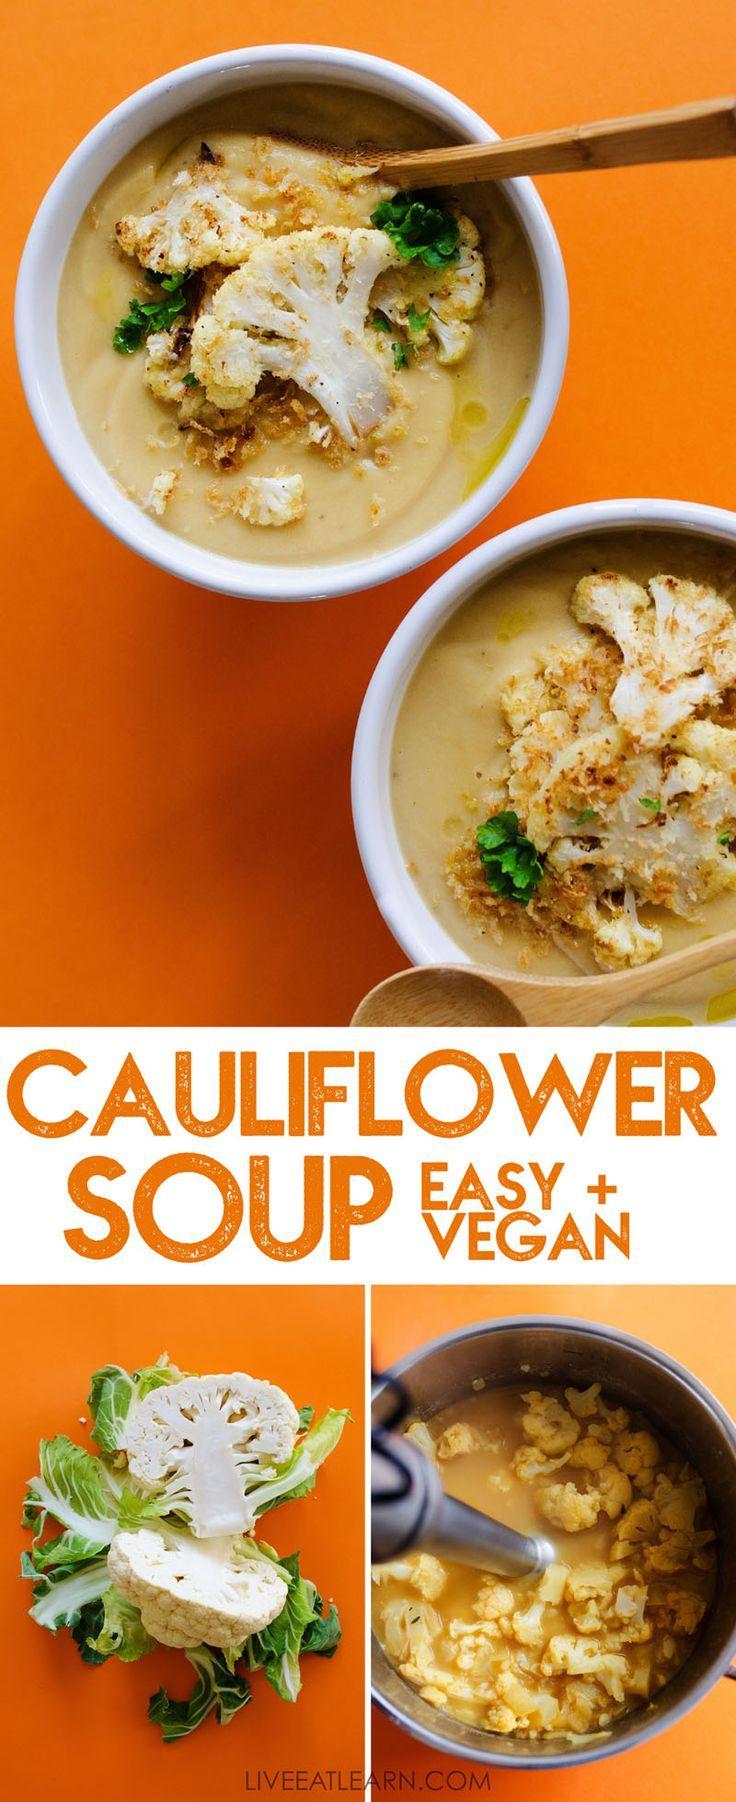 Dieses Rezept für gesunde Blumenkohlsuppe ist ultra-cremig UND einfach UND vegan! Es ist eine Idee für ein schnelles Abendessen mit viel Geschmack, wenig Kalorien und einer Suppe, die die ganze Familie lieben wird. Rezepte Blumenkohlrezepte // Live Eat Learn  - -